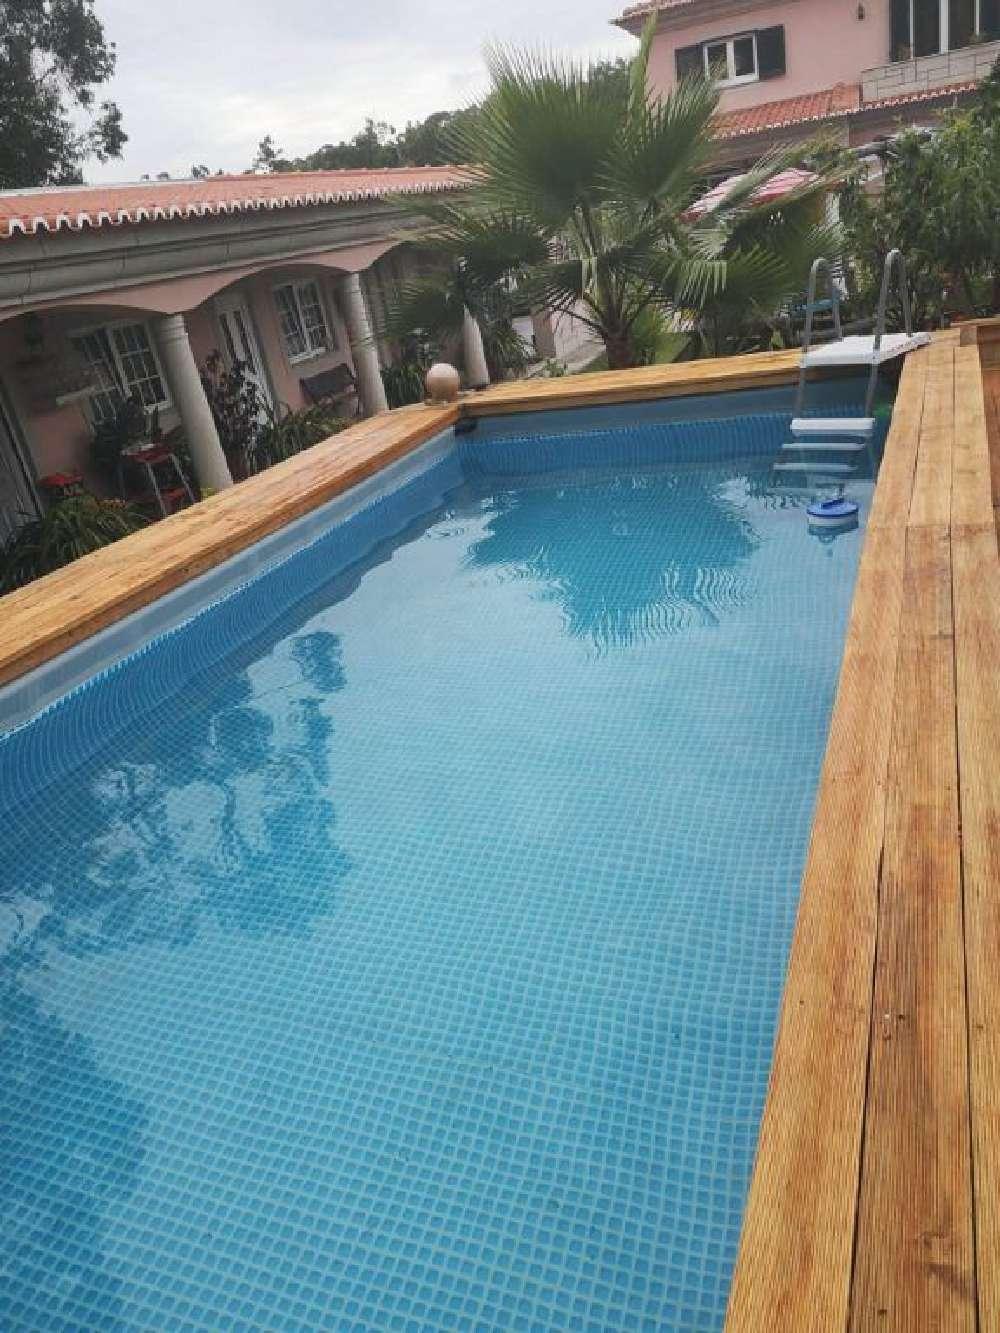 Monte do Jogo de Bola Almodôvar 屋 照片 #request.properties.id#